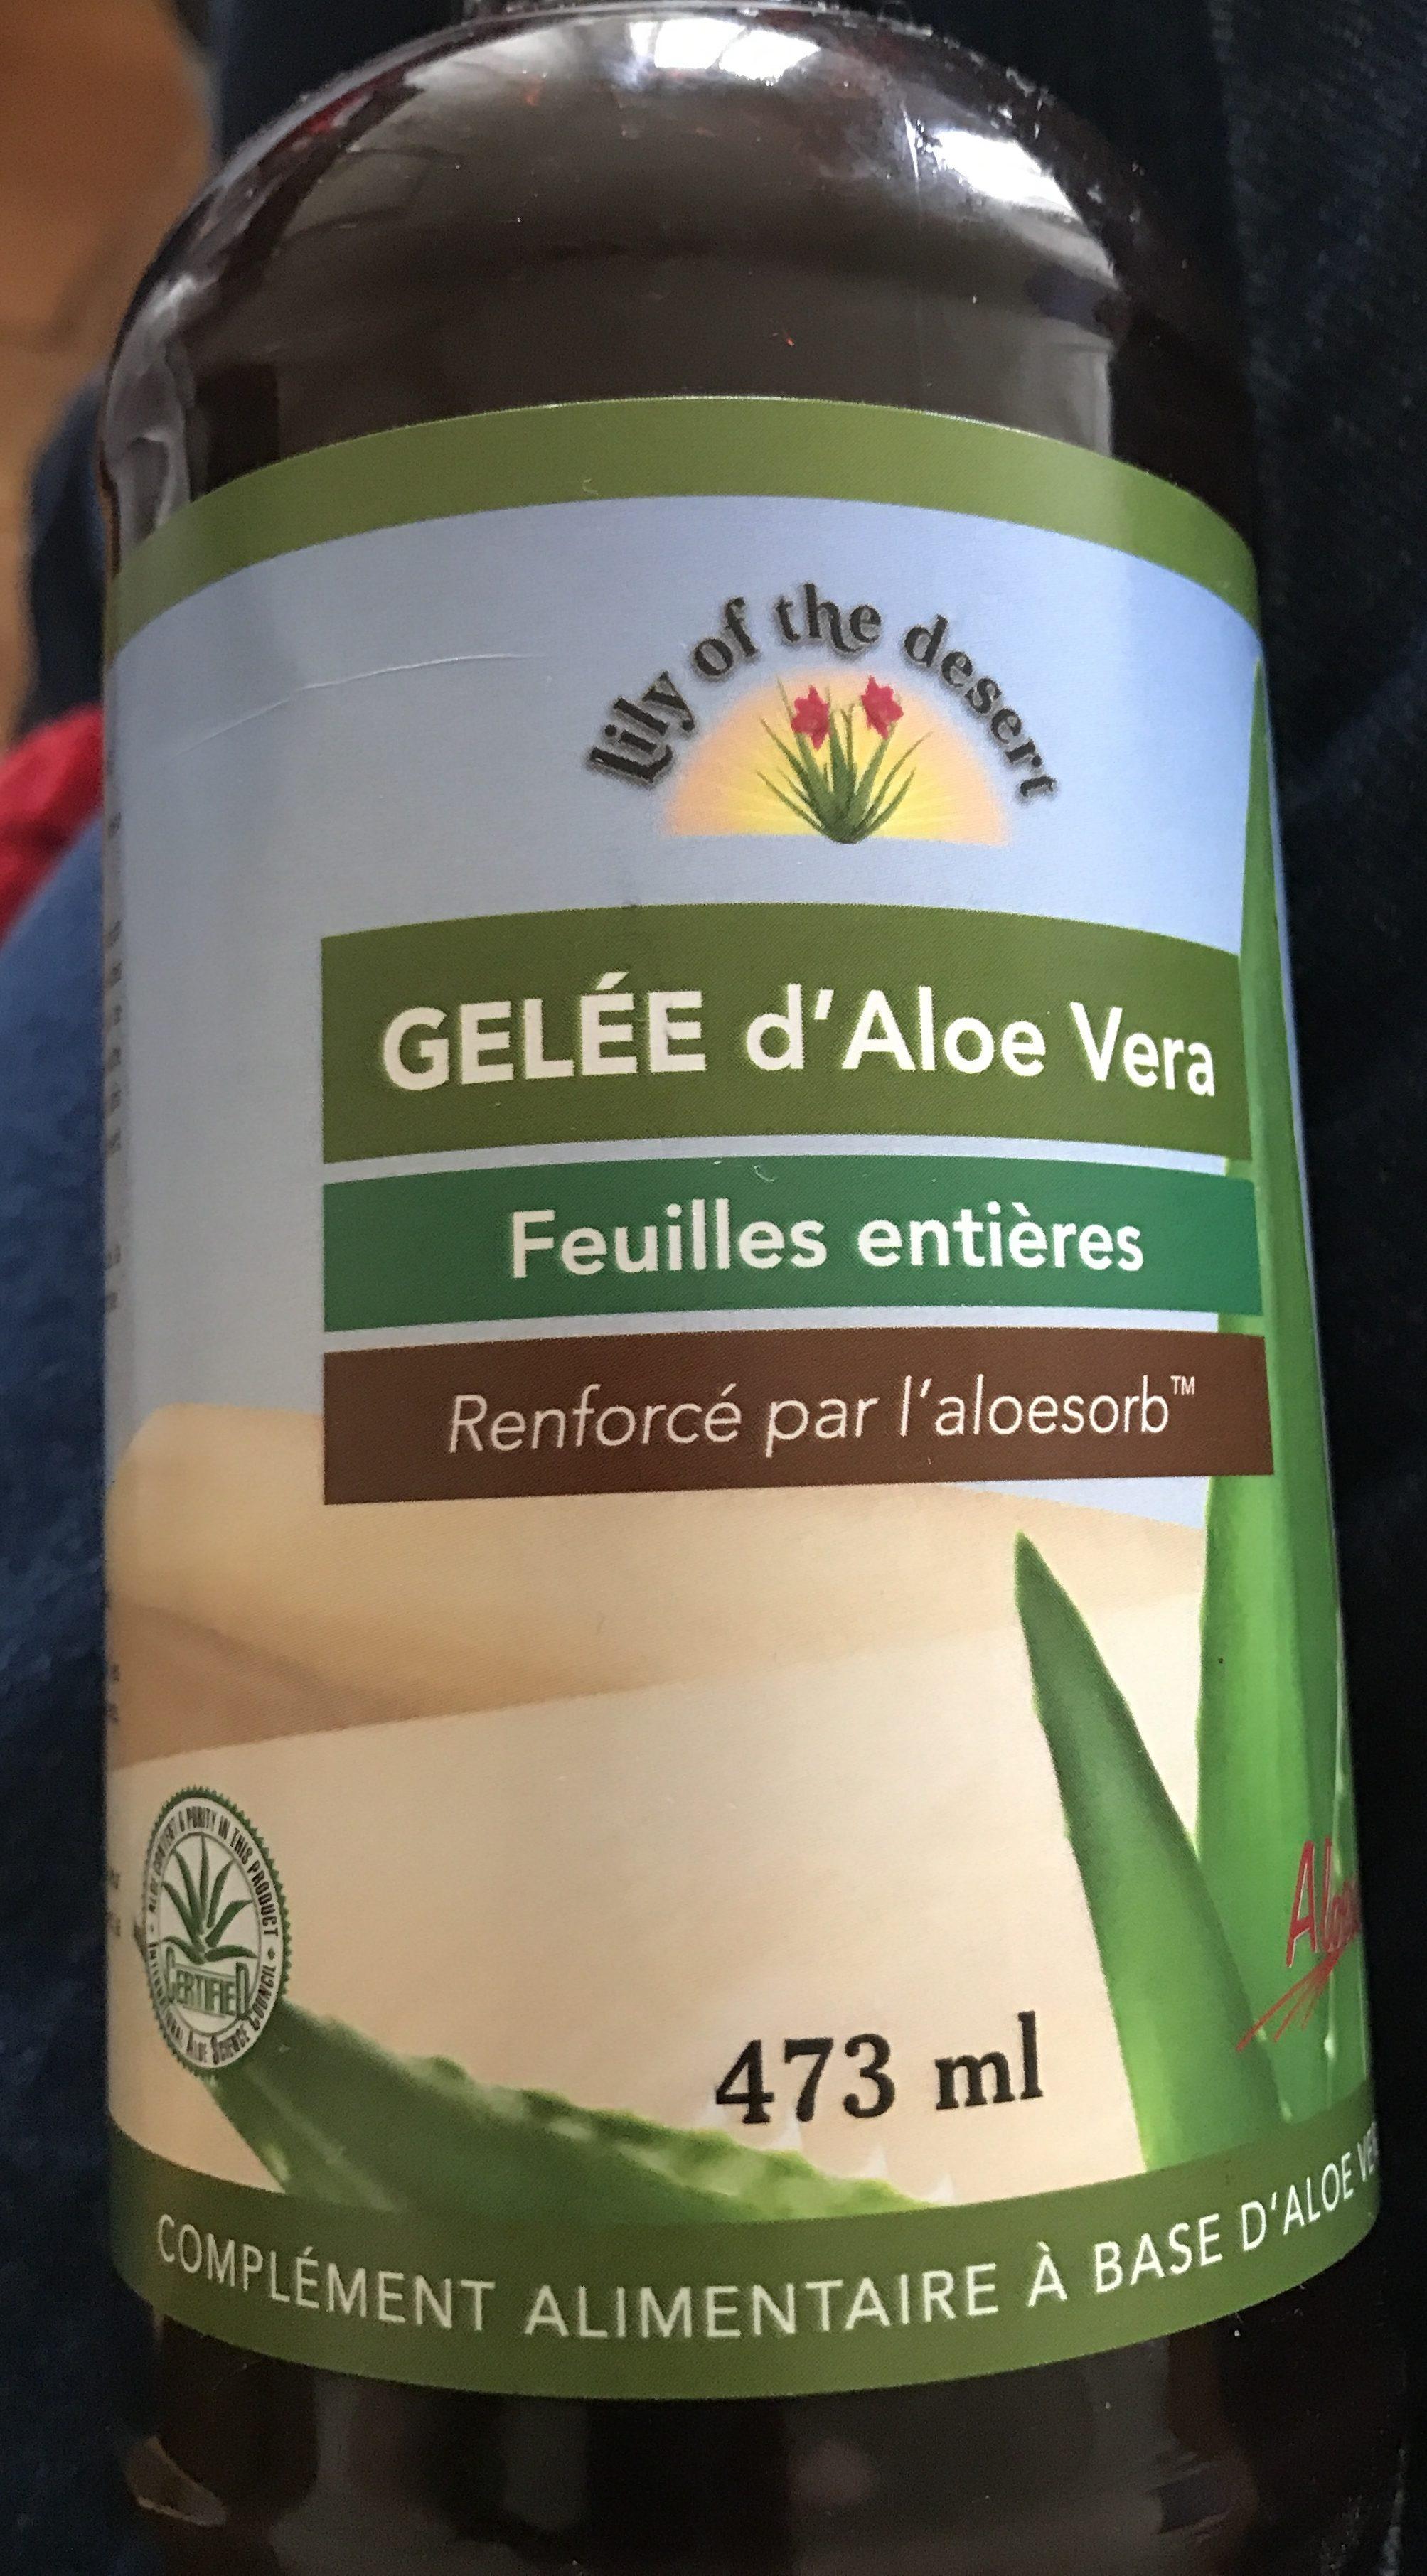 Gelée d'Aloe Vera - Product